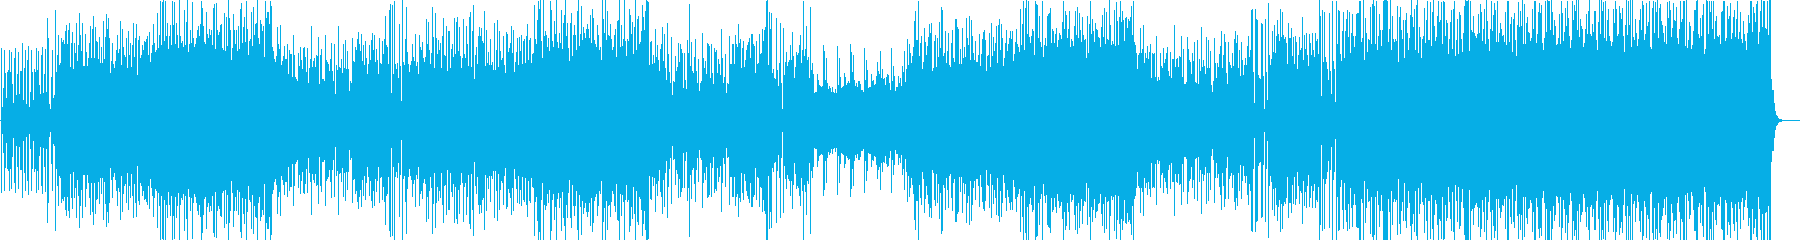 サンバ調シンセサイザーイージーリスニングの再生済みの波形